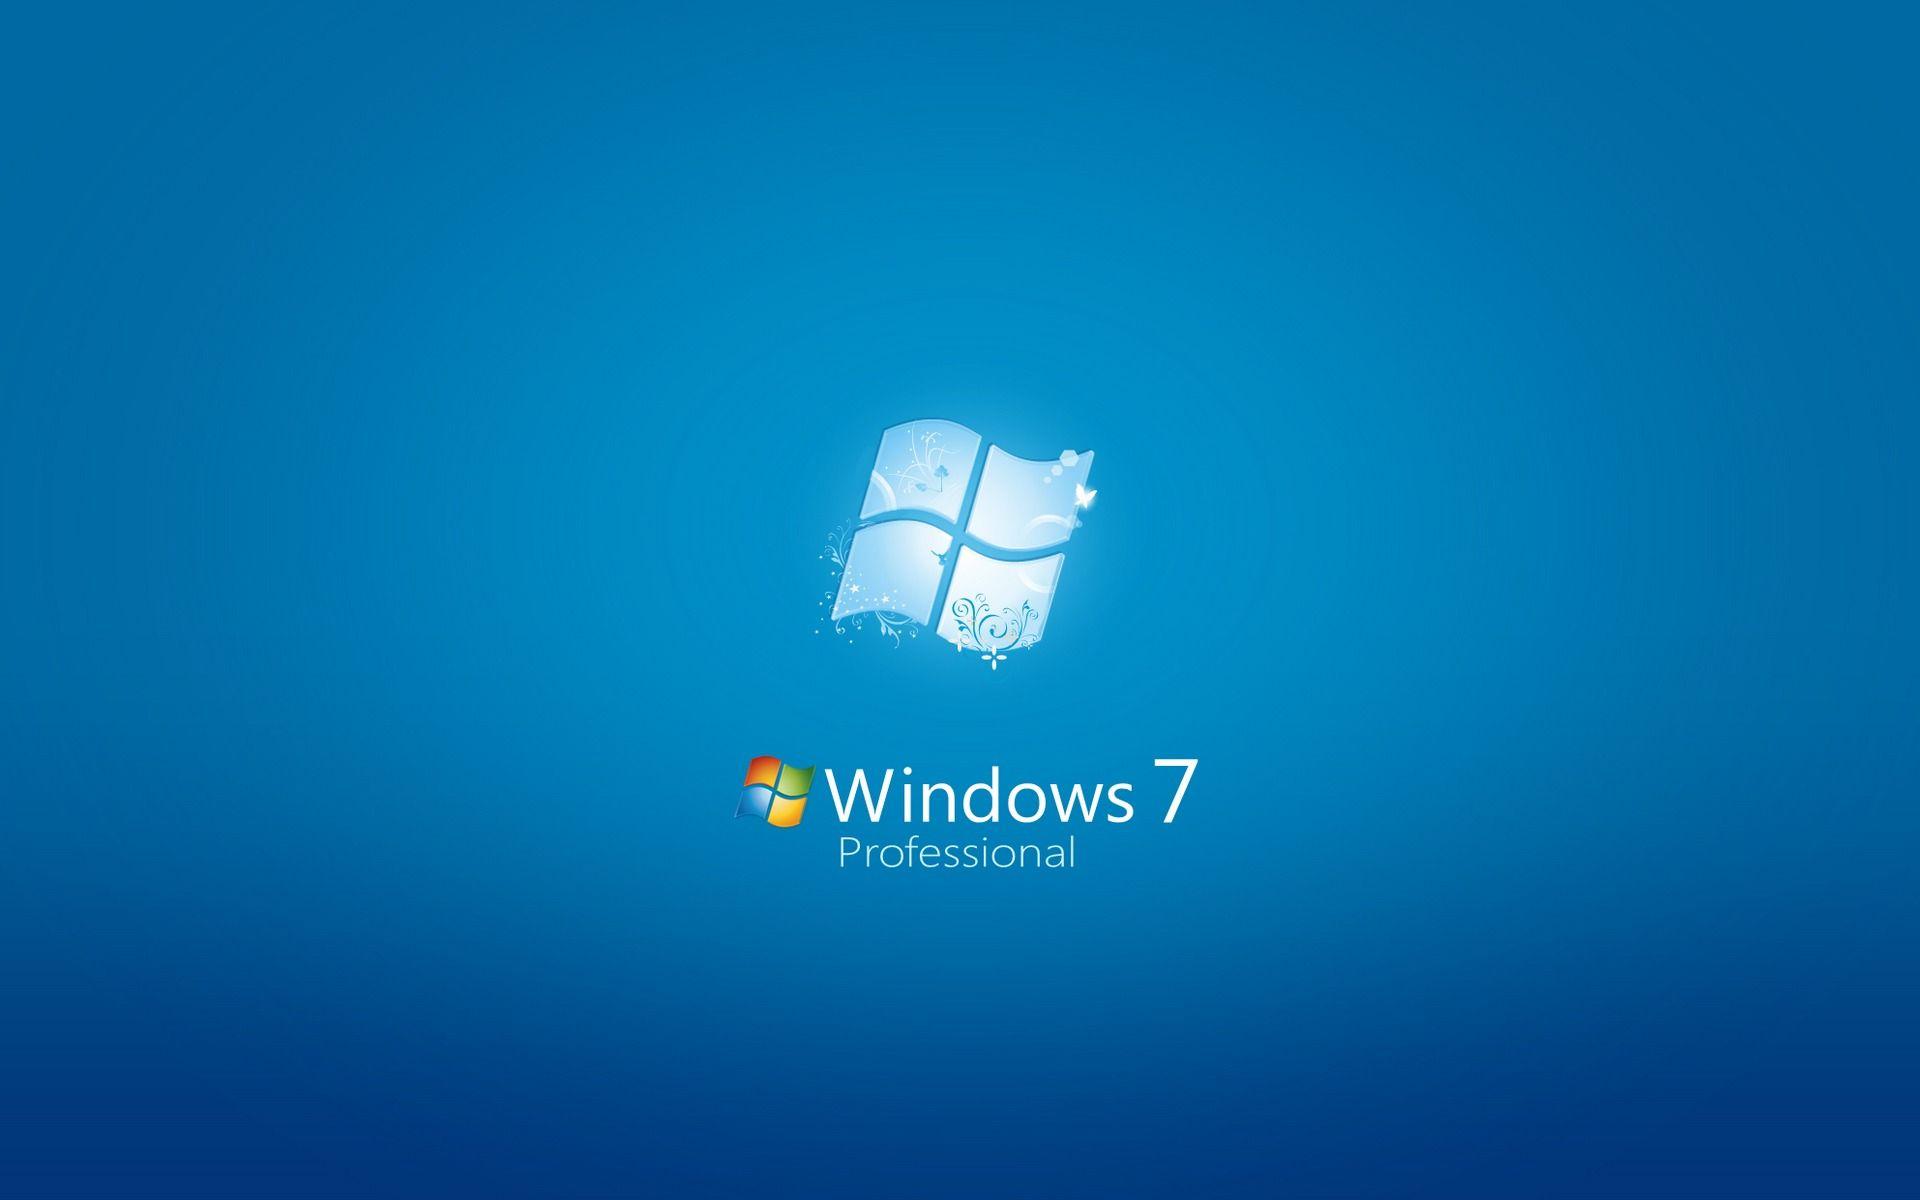 Windows 7 カスタマイズ作業メモをまとめてみました Awgs Foundry